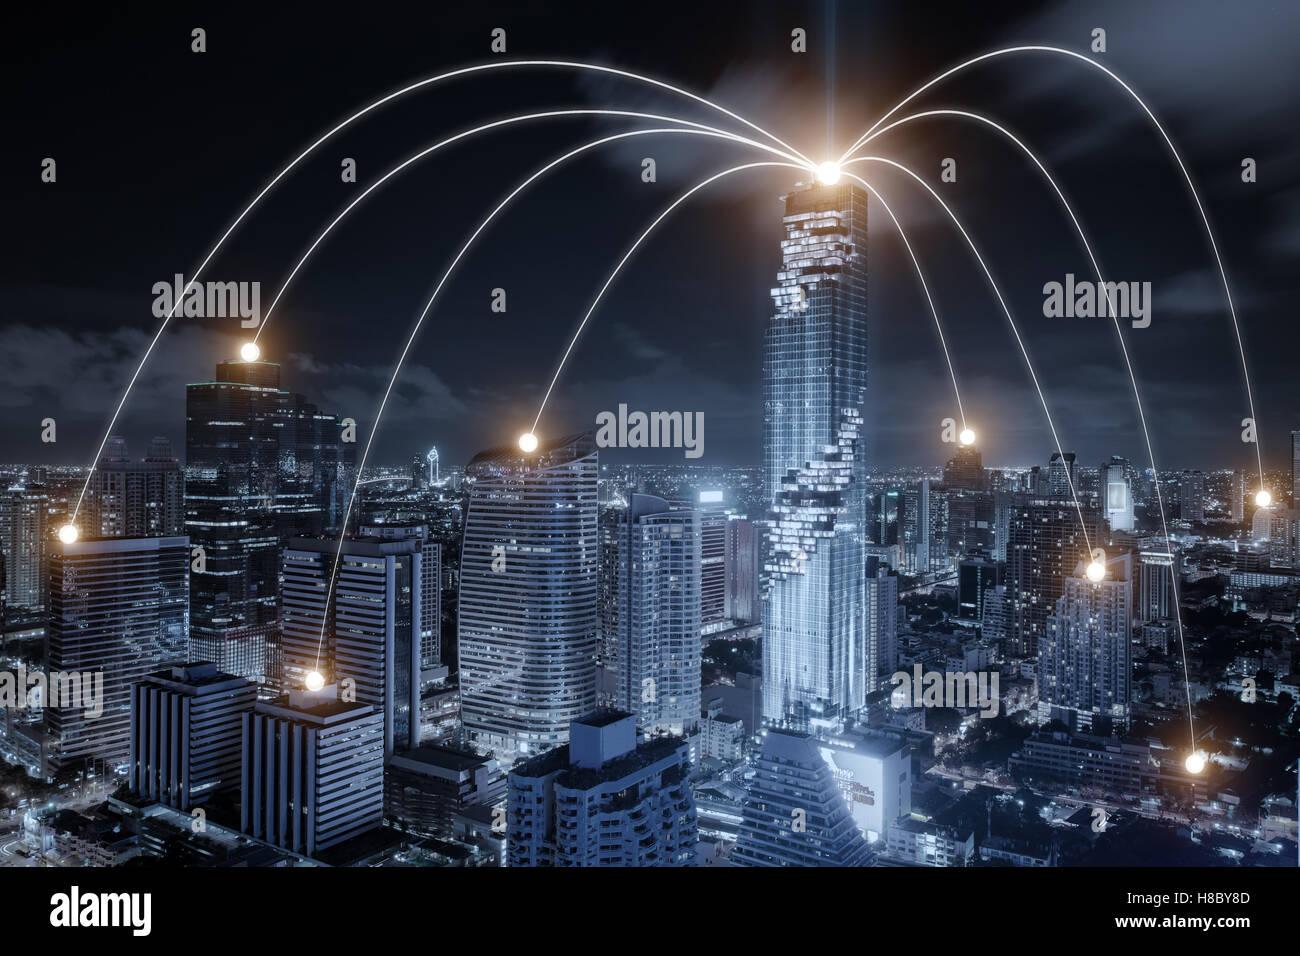 Sistema de conexión de red de negocios en la ciudad de Bangkok en el fondo. Concepto de conexión empresarial Imagen De Stock